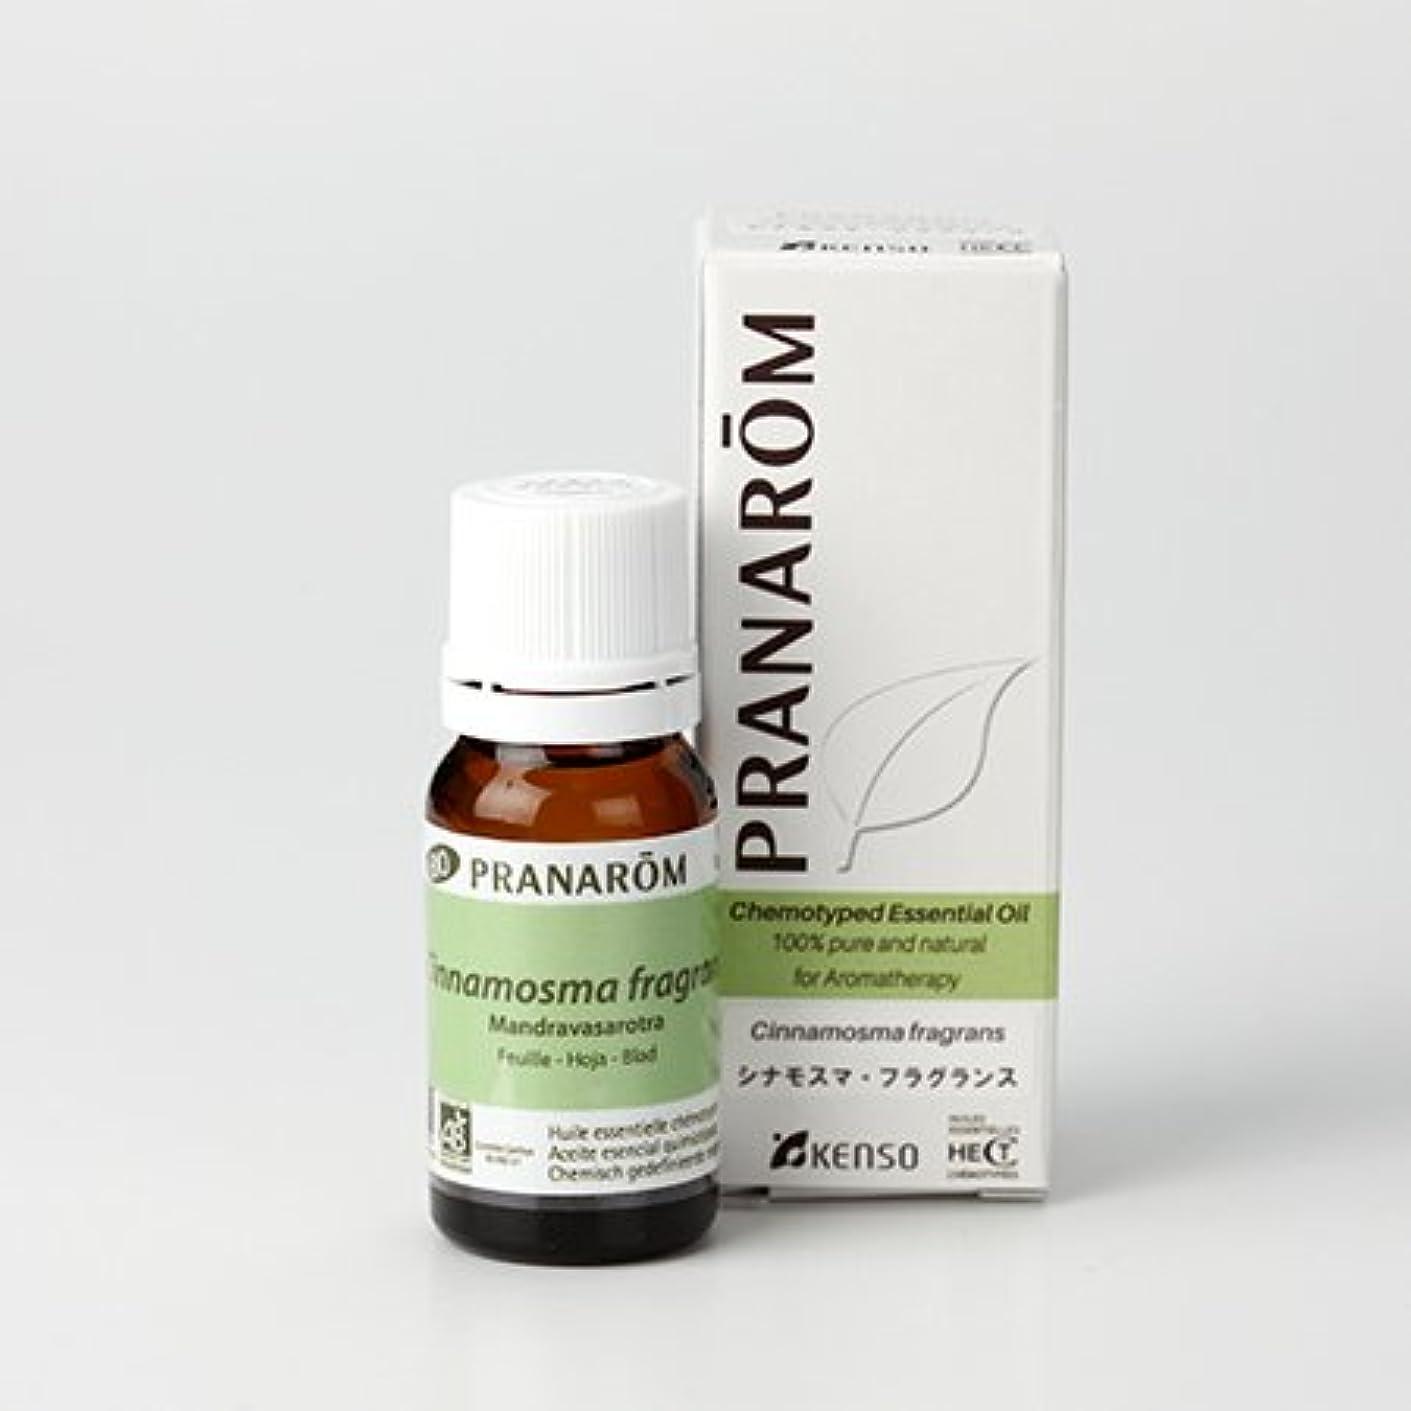 壁記録先例プラナロム ( PRANAROM ) 精油 シナモスマ?フラグランス 10ml p-32